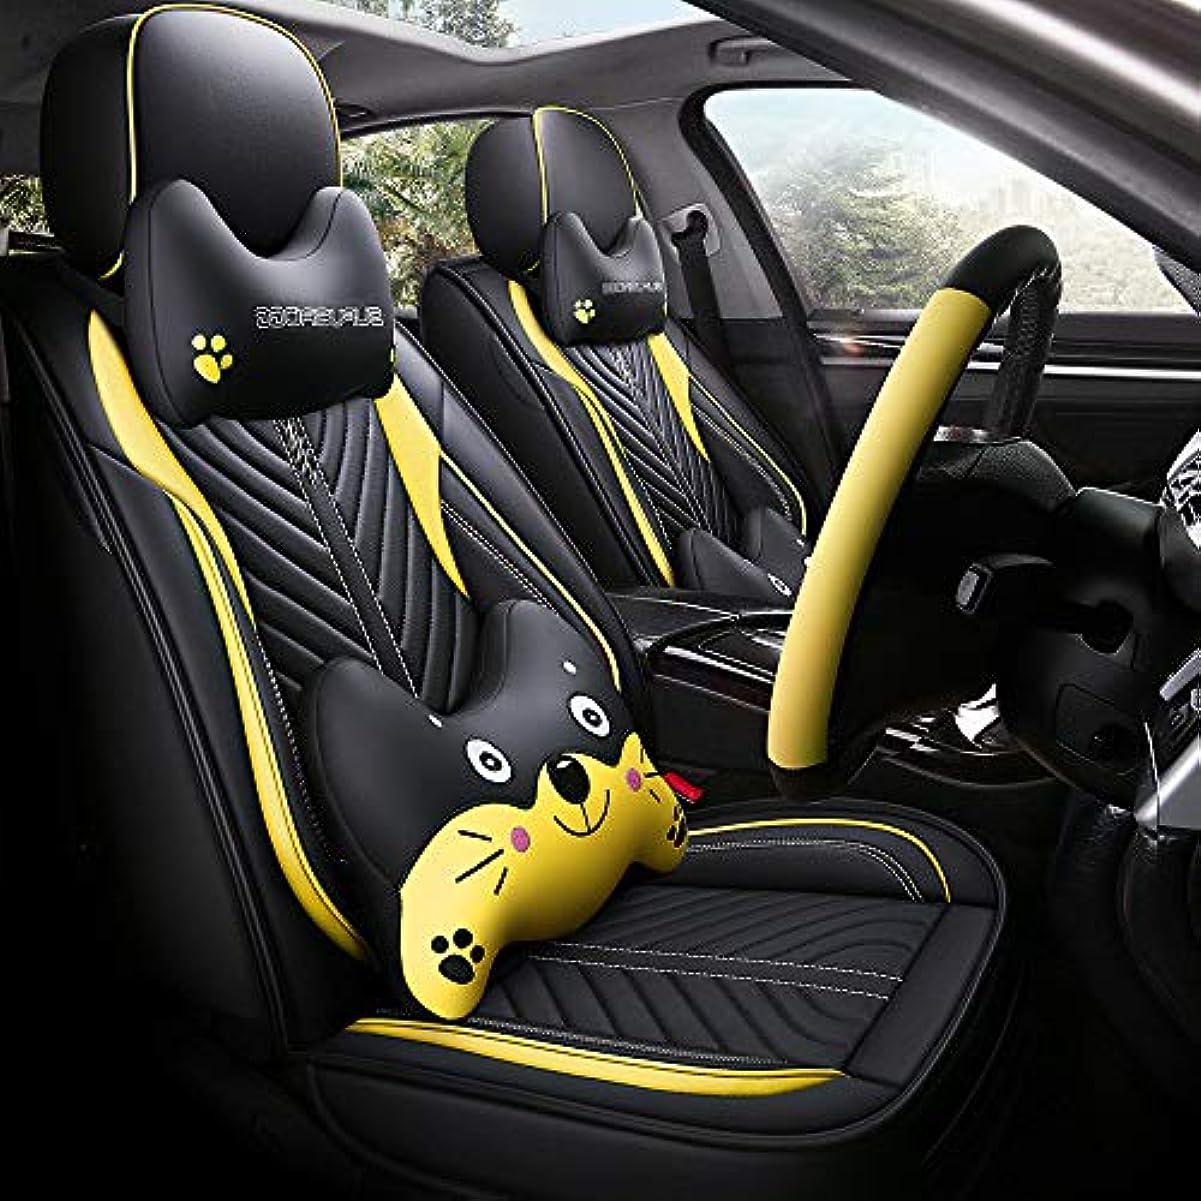 裏切り屋内で適応するカーシートカバー車用シートカバーPUレザーとリネンフォーシーズンカーシートクッション/ 5席通気性ヘッドレスト&ウエストクッションパッド (Black Yellow,Cartoon Edition)